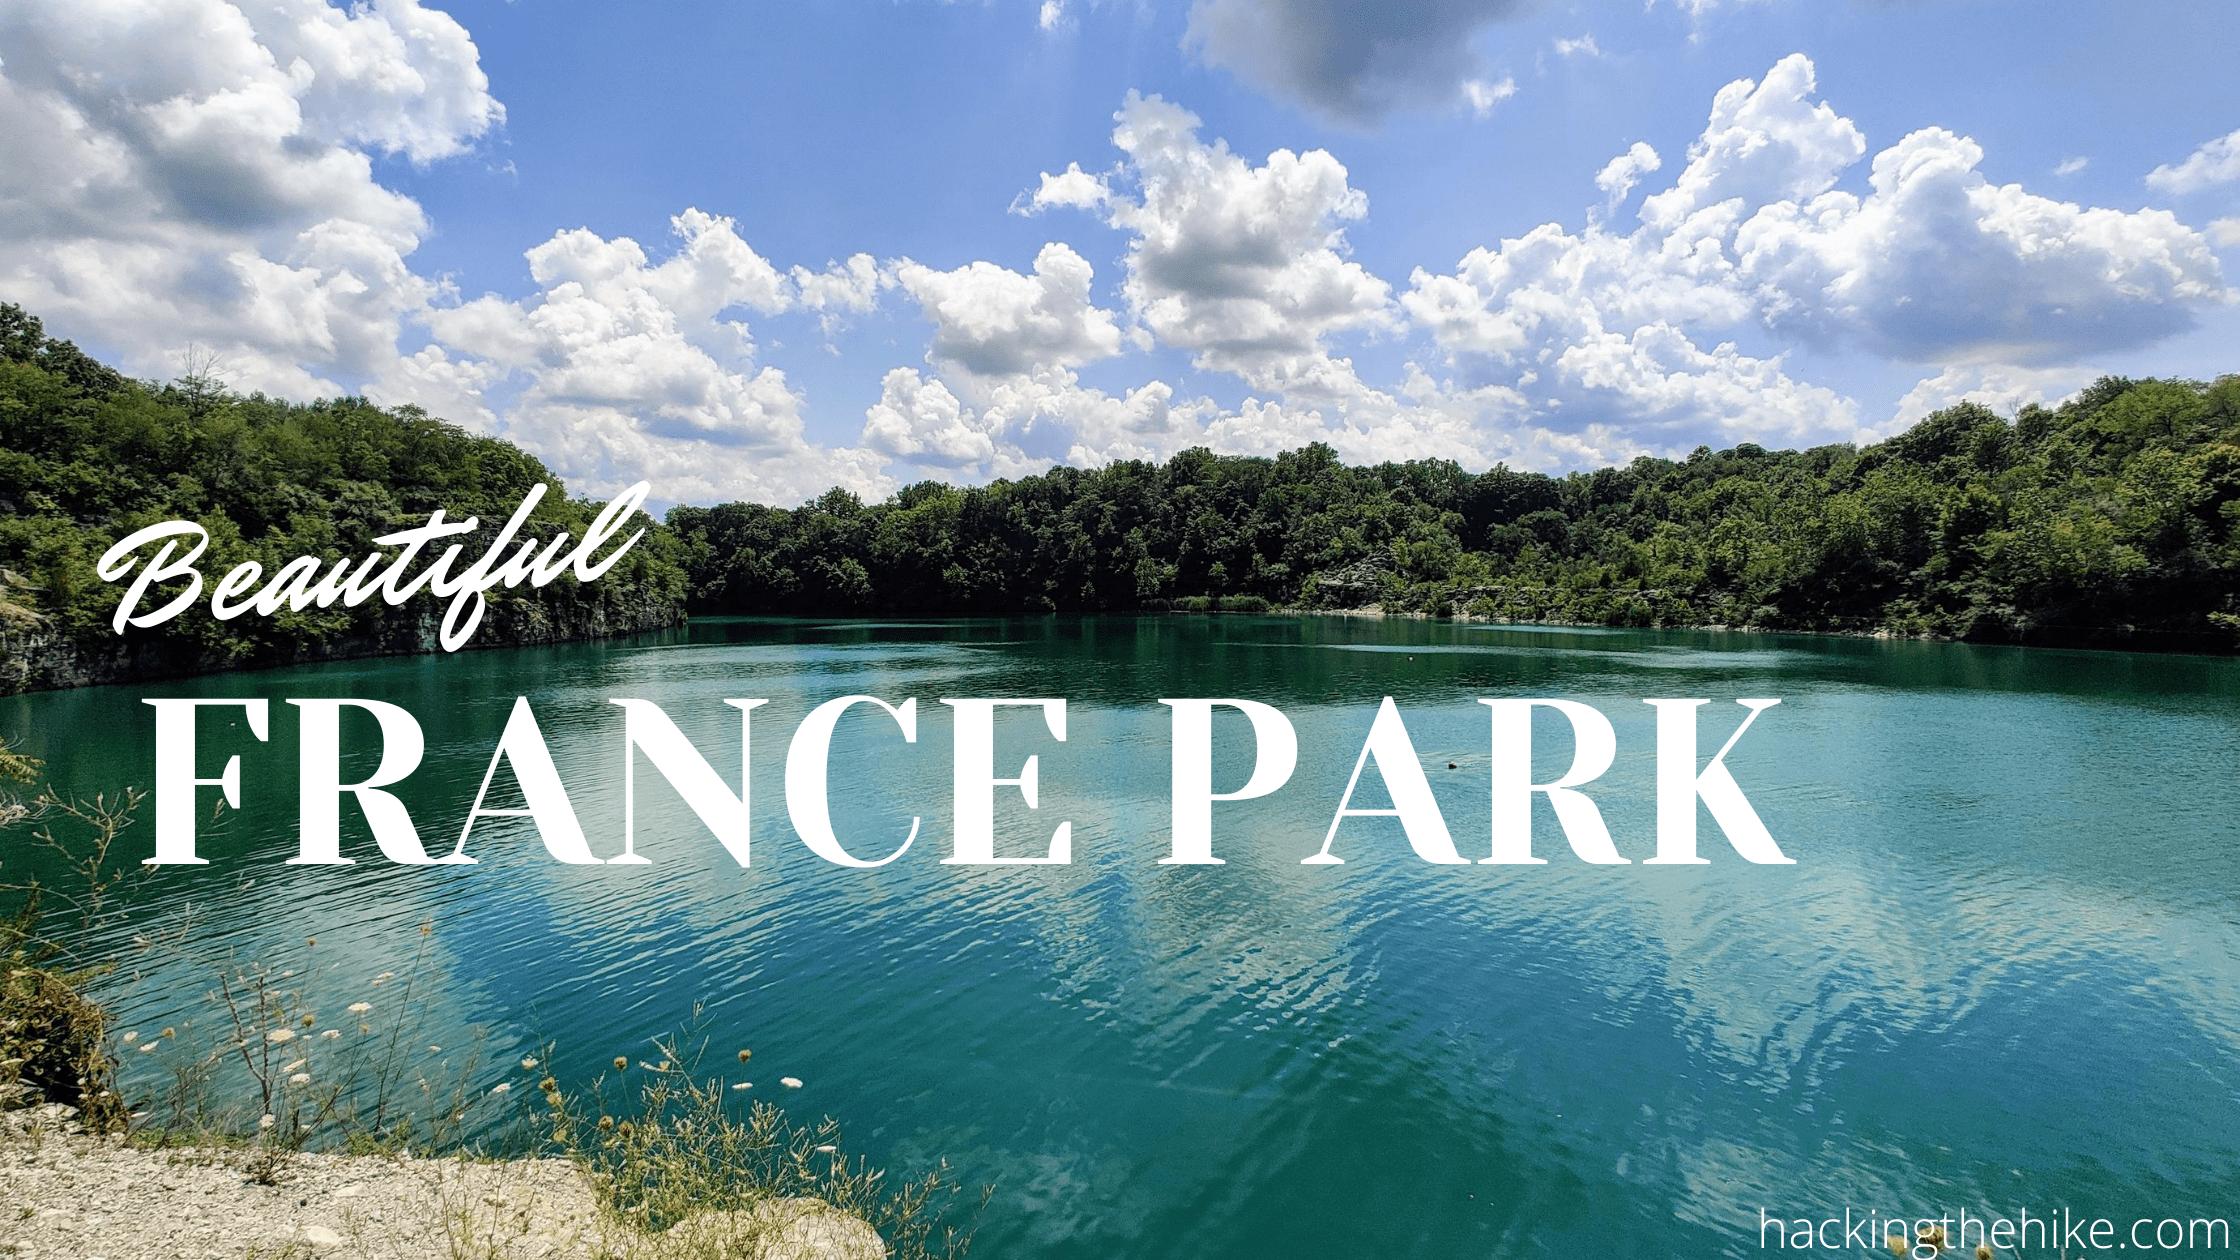 Beautiful France Park